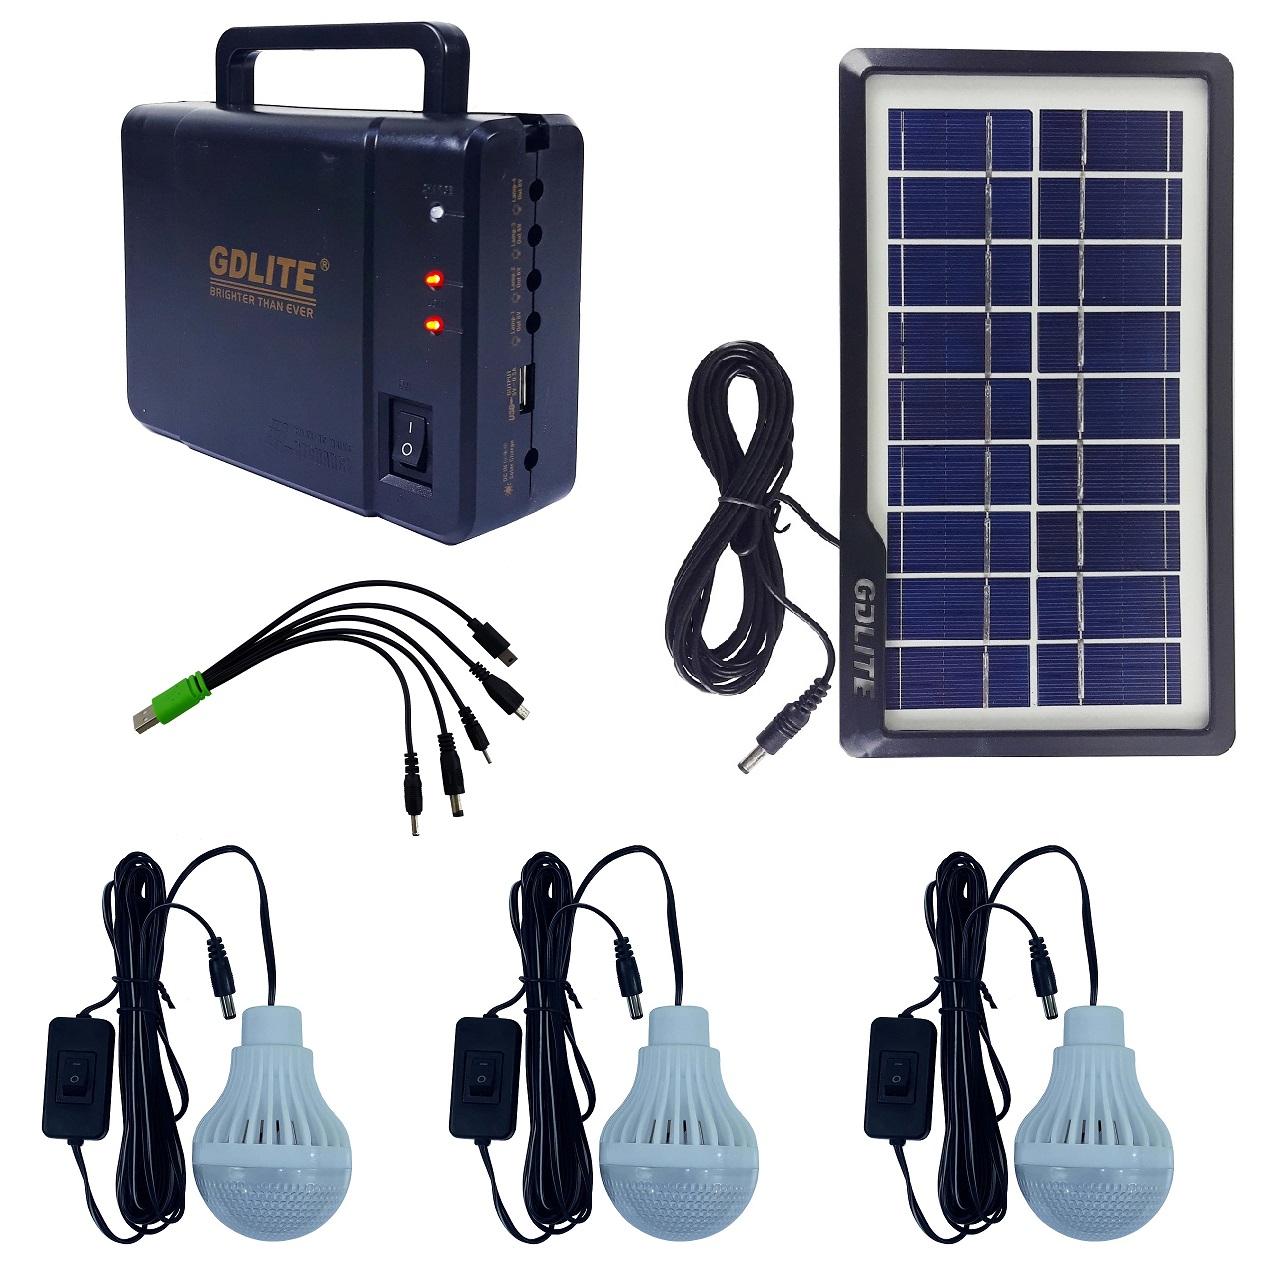 سیستم روشنایی خورشیدی جی دی لایت مدل GD-8006A